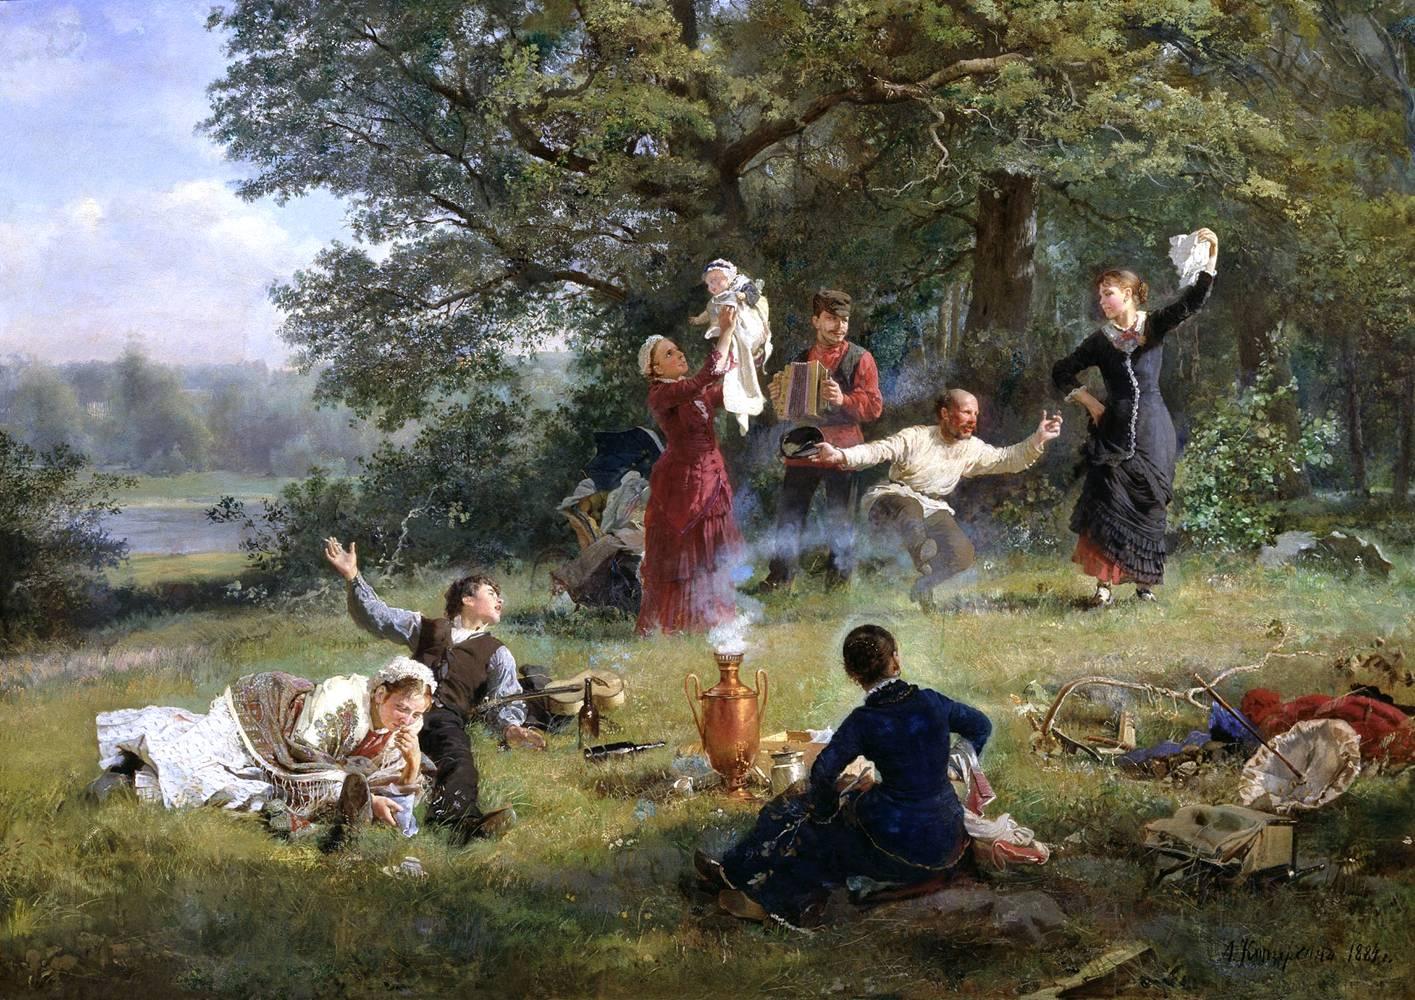 Картина корзухина воскресный день